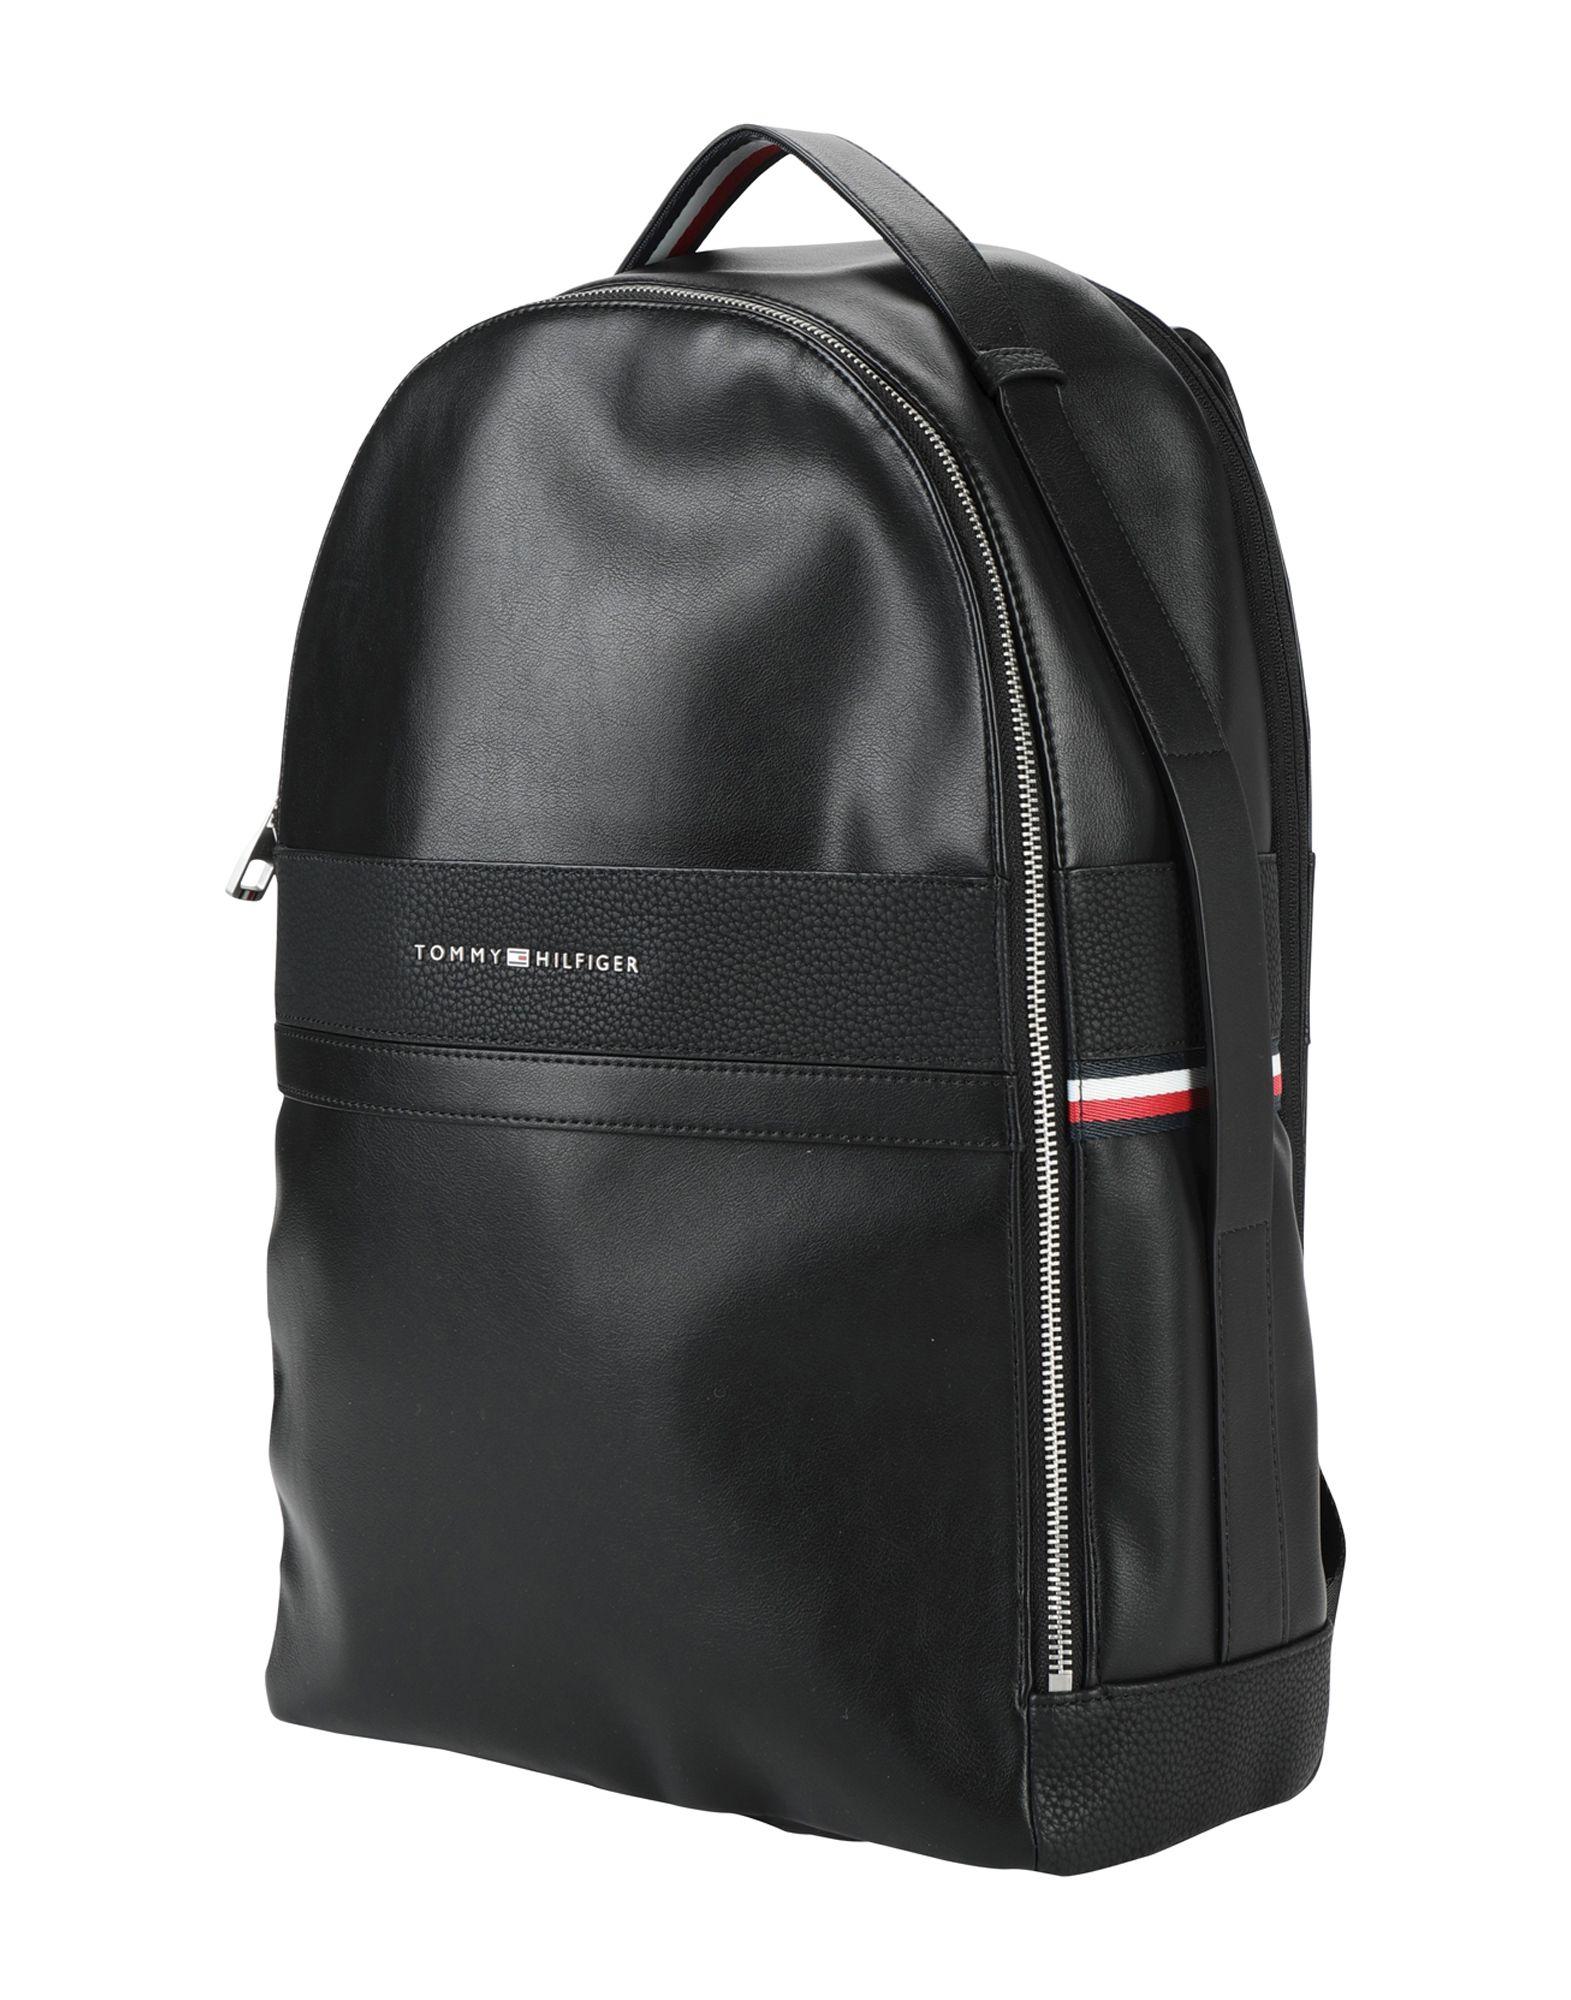 TOMMY HILFIGER Рюкзаки и сумки на пояс сумки